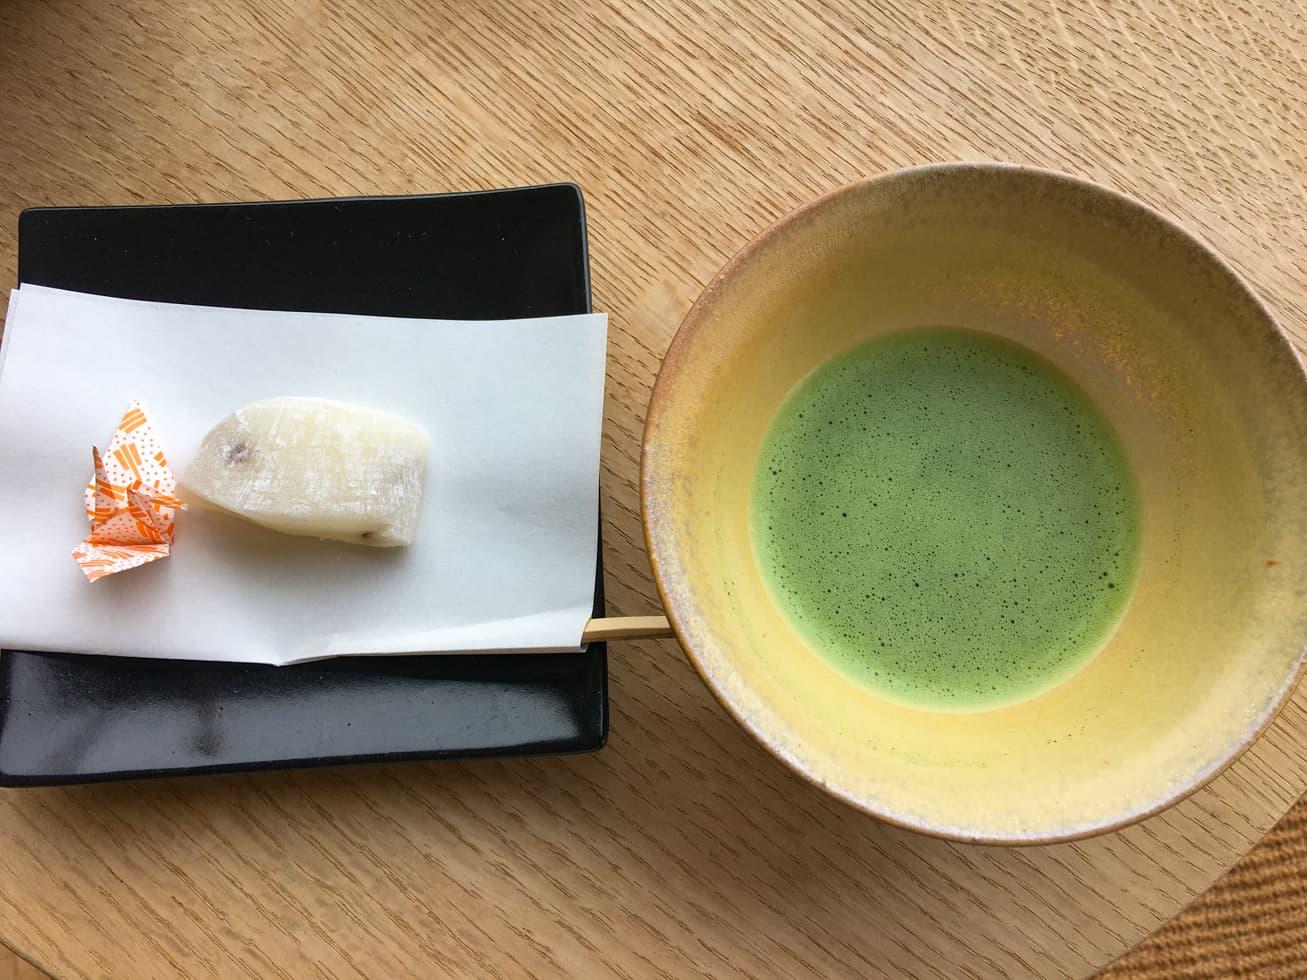 強羅白檀の抹茶と御茶菓子の写真